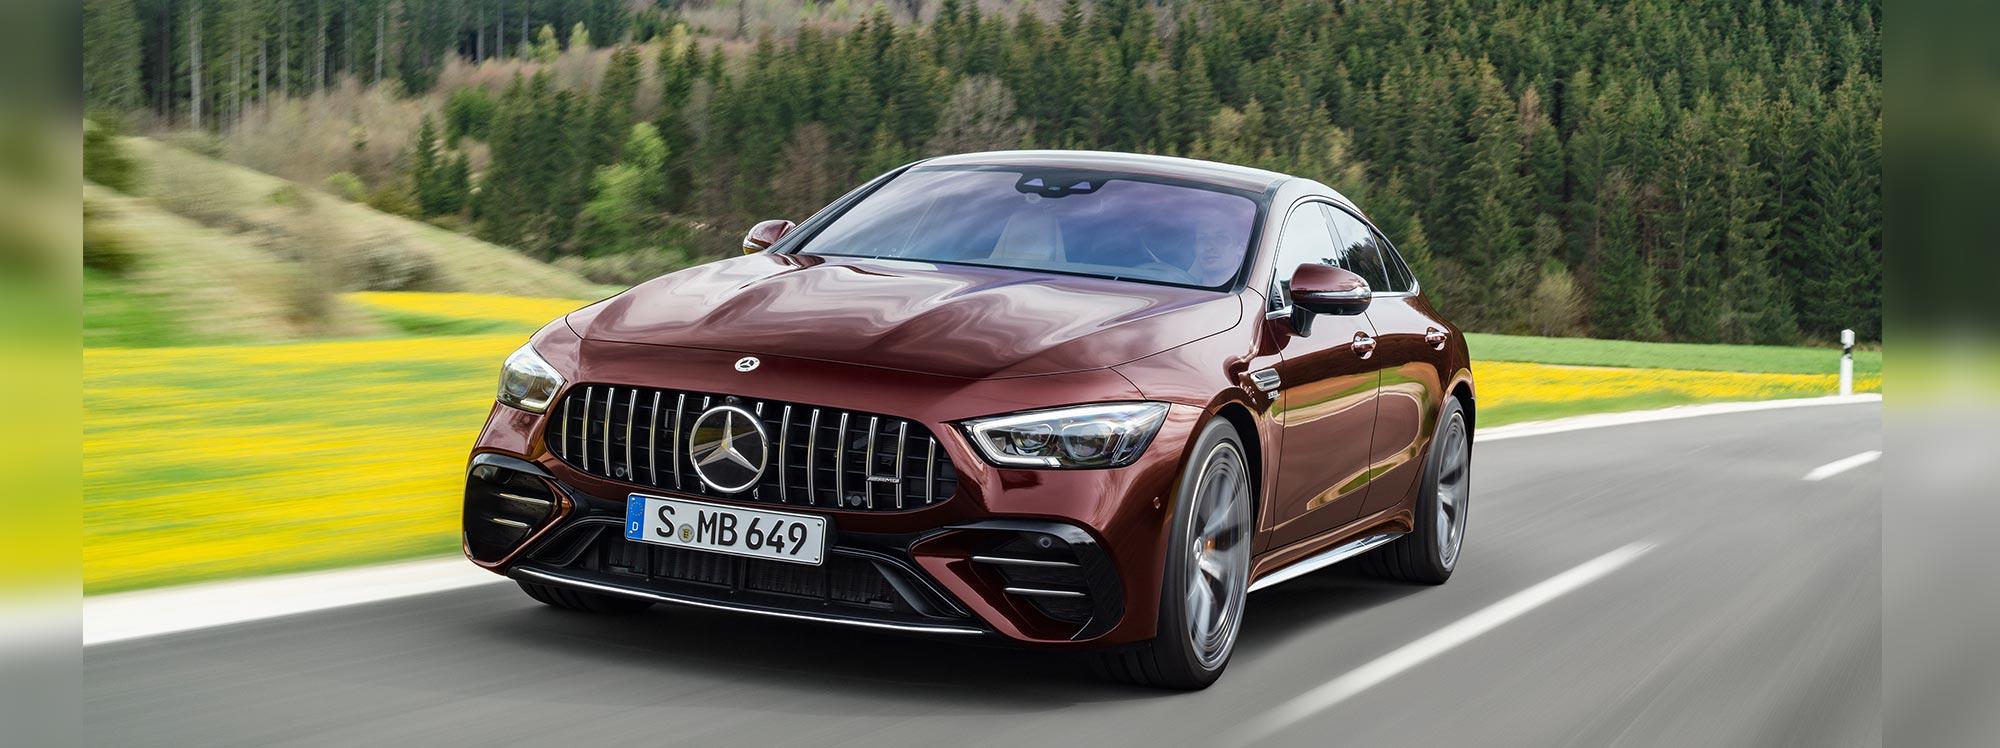 Mercedes- AMG GT:   diseño exclusivo hecho a la medida